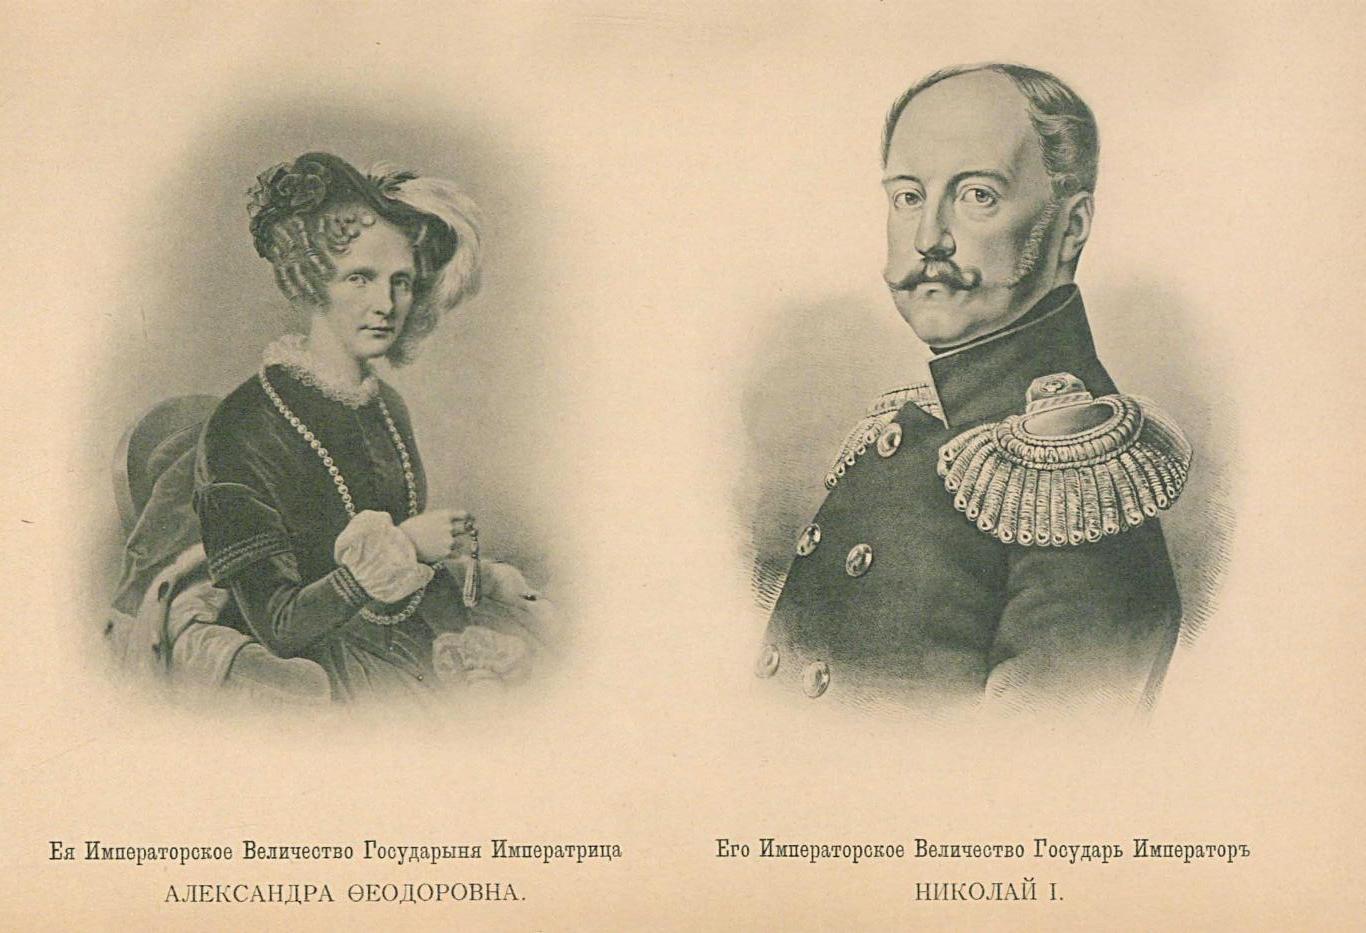 Её Императорское Величество Государыня Императрица Александра Фёдоровна. Его Императорское Величество Государь Император Николай I